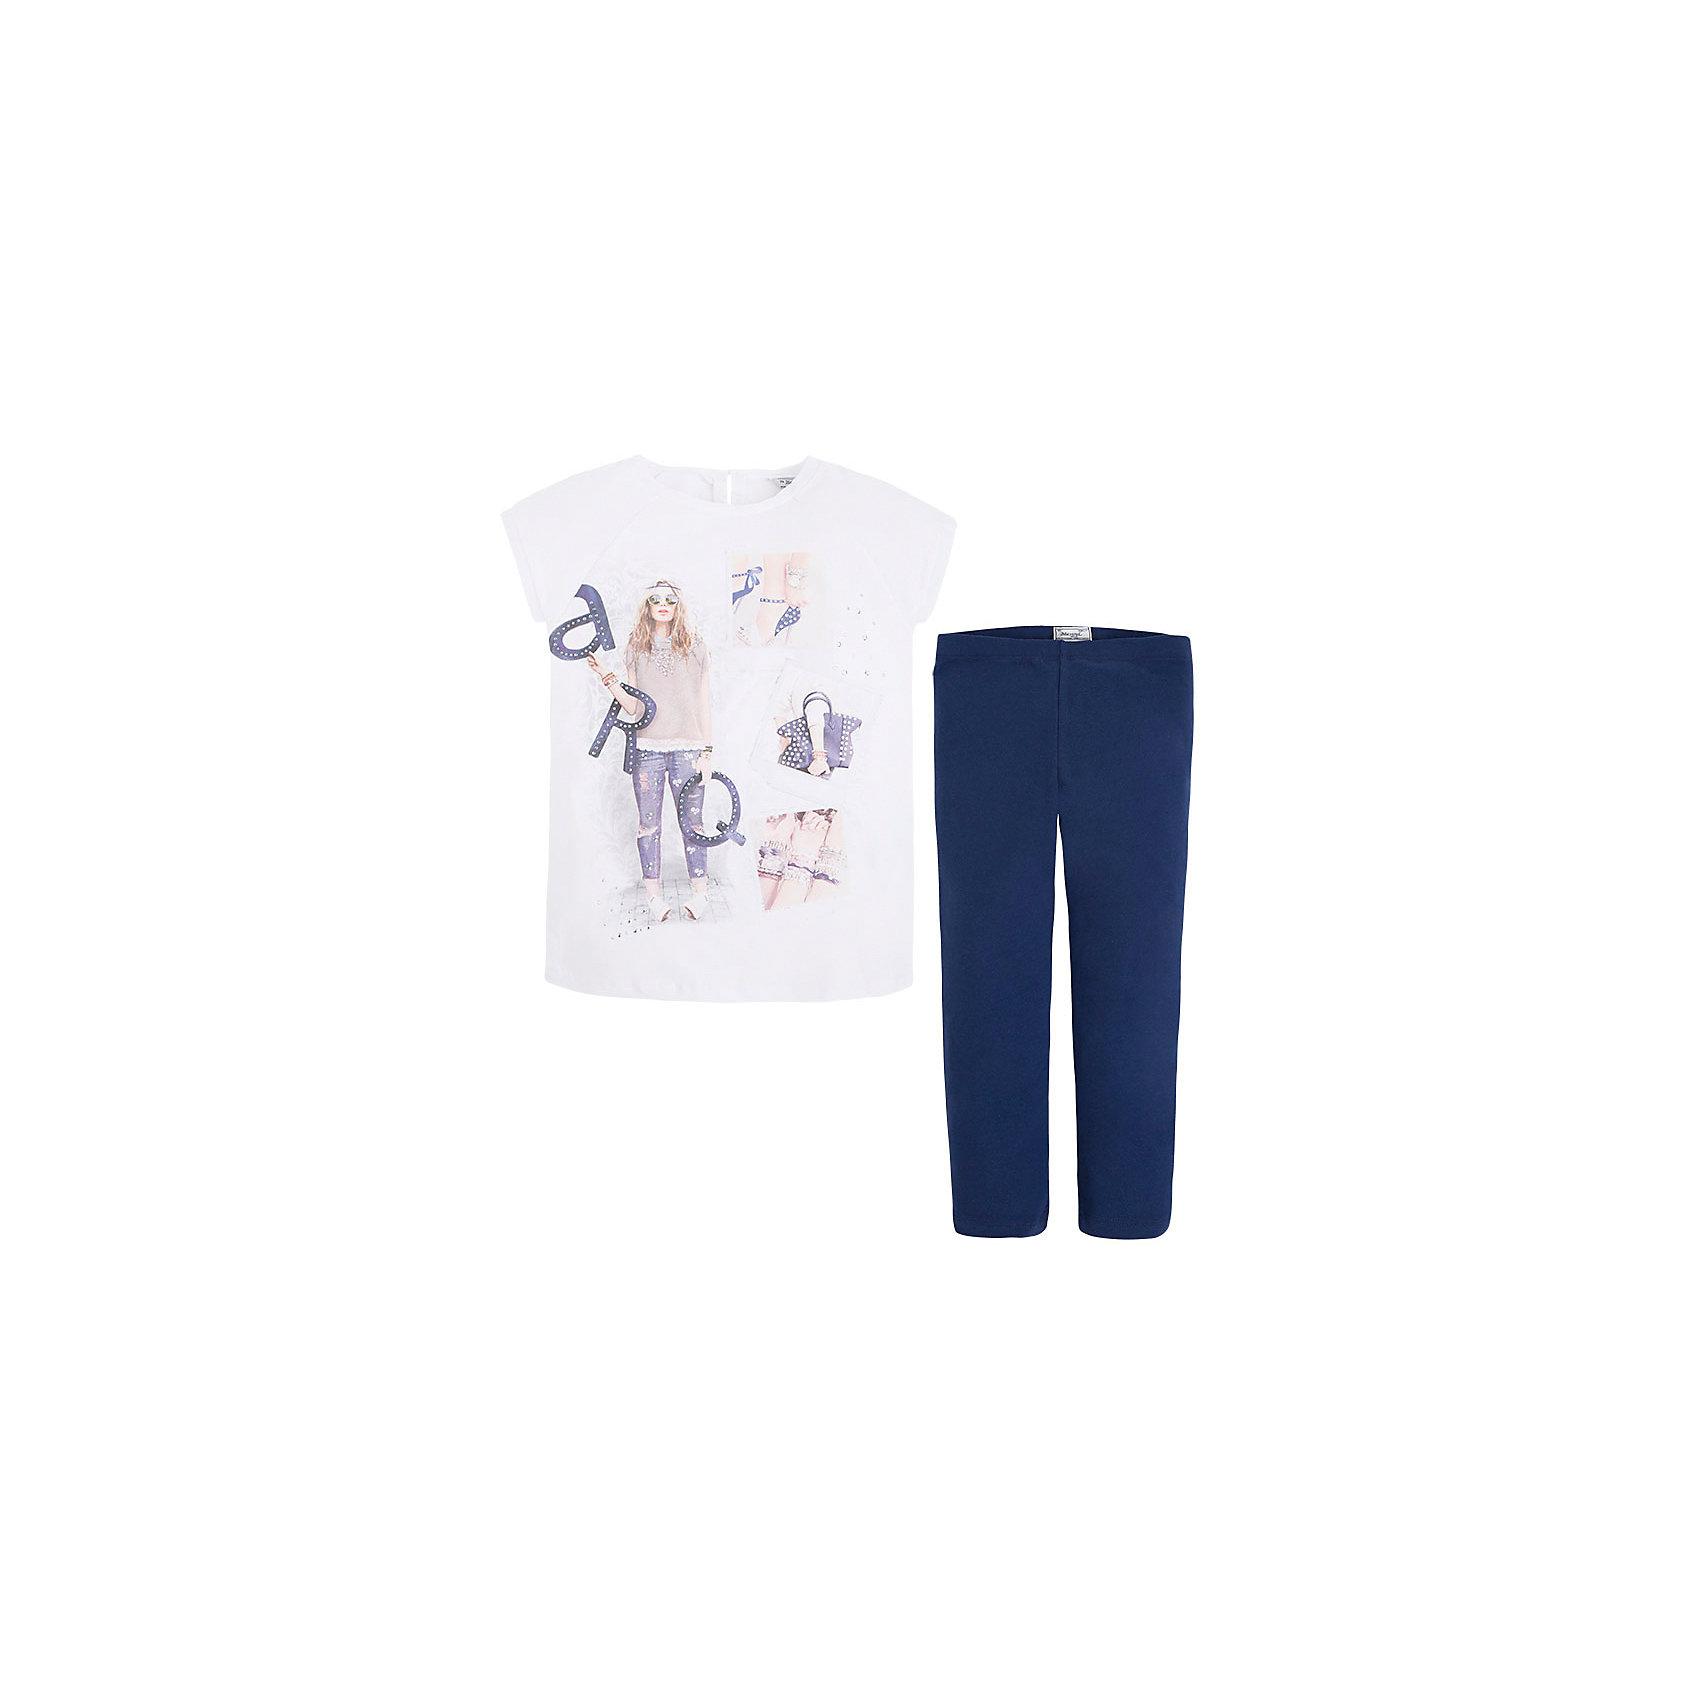 Комплект для девочки: леггинсы и футболка MayoralКомплекты<br>Комплект: леггинсы и футболка для девочки от испанской марки Mayoral приведет в восторг юных модниц и займет достойное место в летнем гардеробе. <br><br>Дополнительная информация:<br><br>- Мягкая, приятная на ощупь ткань.<br>- Футболка прямого кроя.<br>- Застегивается на пуговицу на спине.<br>- Округлый вырез горловины.<br>- Футболка украшена принтом и стразами.<br>- Леггинсы на эластичном поясе на резинке.<br>- Состав: 57% хлопок, 40% полиэстер, 3% эластан.<br><br>Комплект: леггинсы и футболку для девочки Mayoral (Майорал) можно купить в нашем магазине.<br><br>Ширина мм: 123<br>Глубина мм: 10<br>Высота мм: 149<br>Вес г: 209<br>Цвет: синий<br>Возраст от месяцев: 84<br>Возраст до месяцев: 96<br>Пол: Женский<br>Возраст: Детский<br>Размер: 128,158,170,164,152,140<br>SKU: 4543511